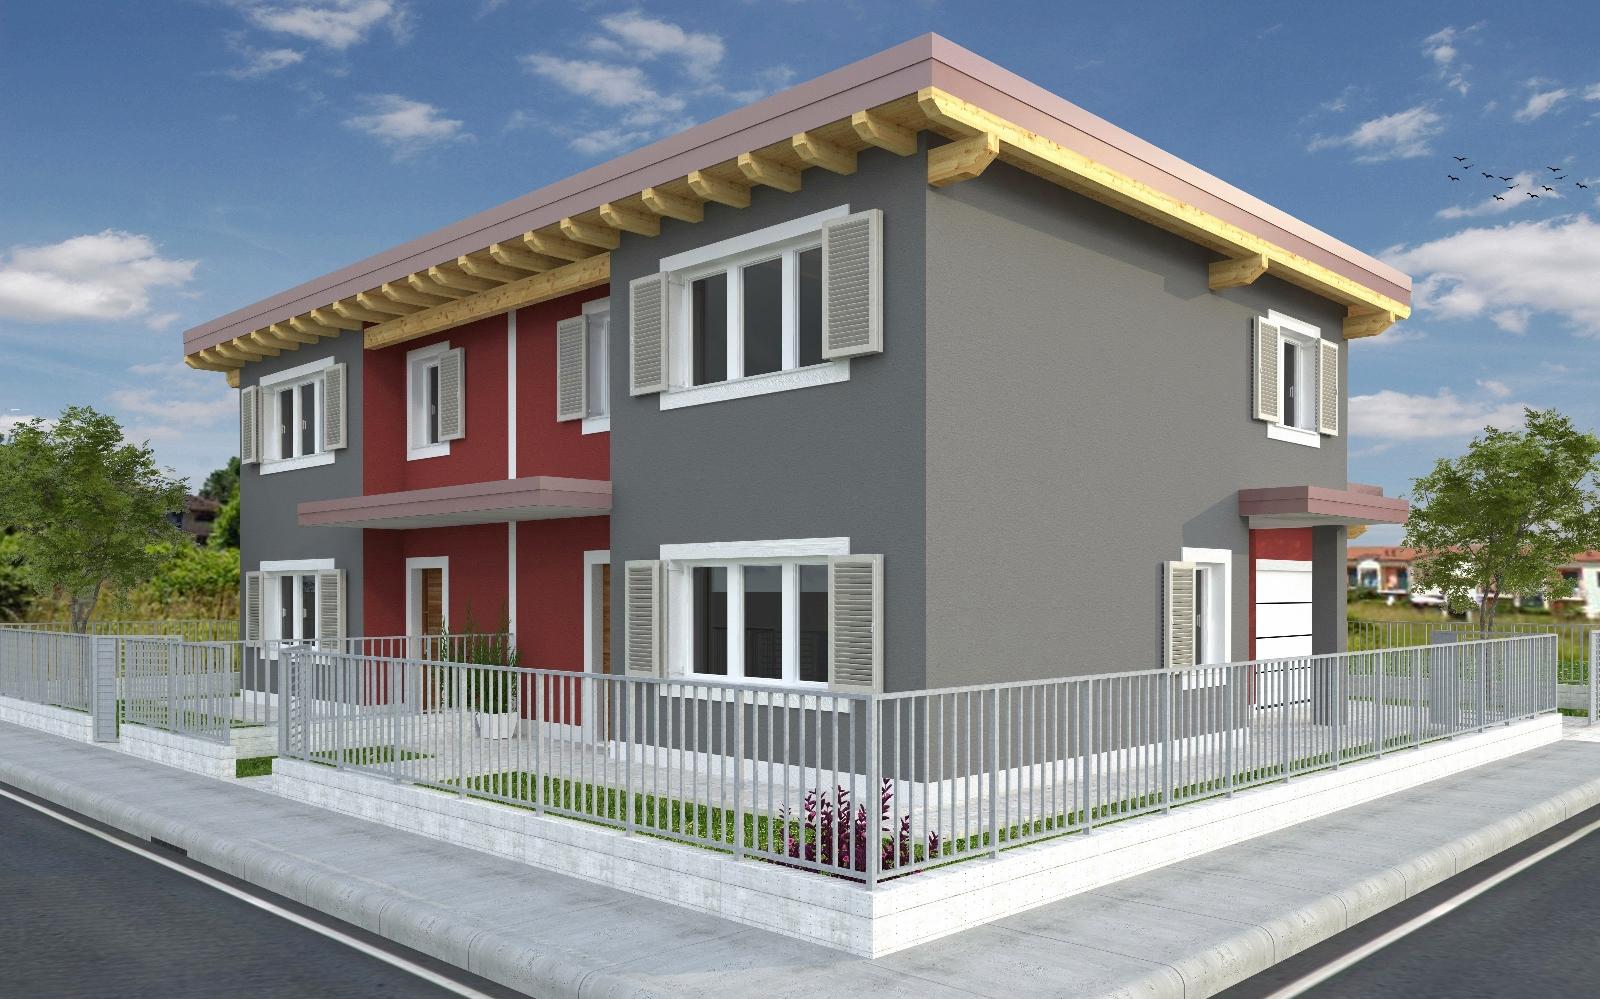 Progetti ville bifamiliari moderne for Prospetti ville moderne